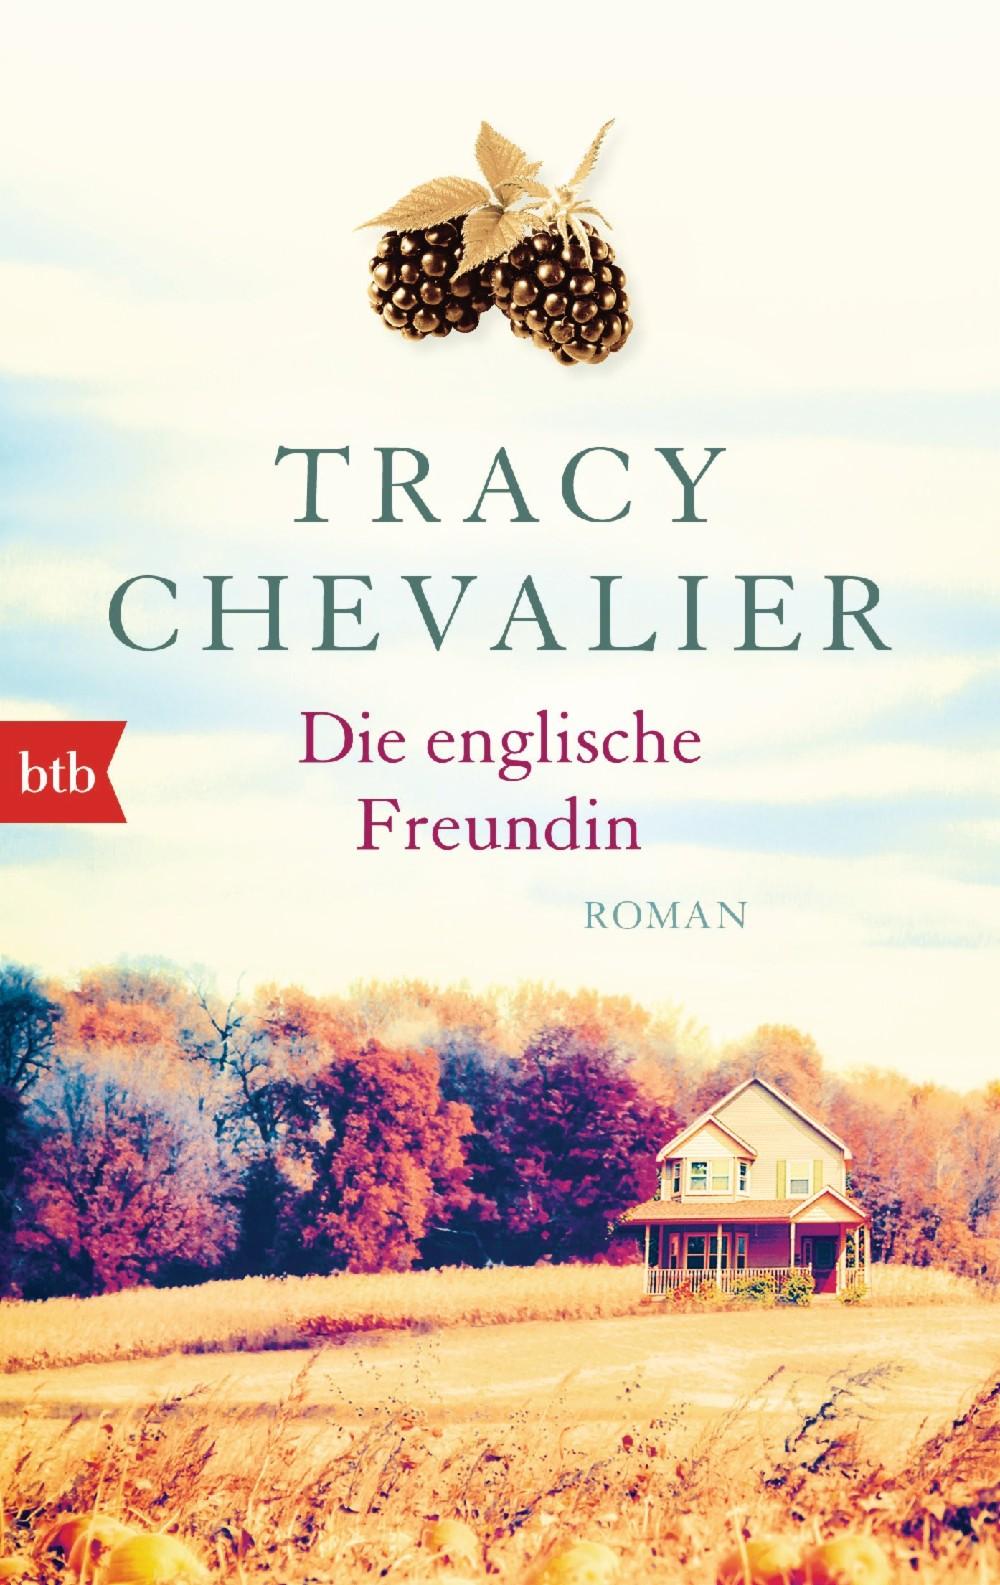 Tracy Chevalier, Die englische Freundin